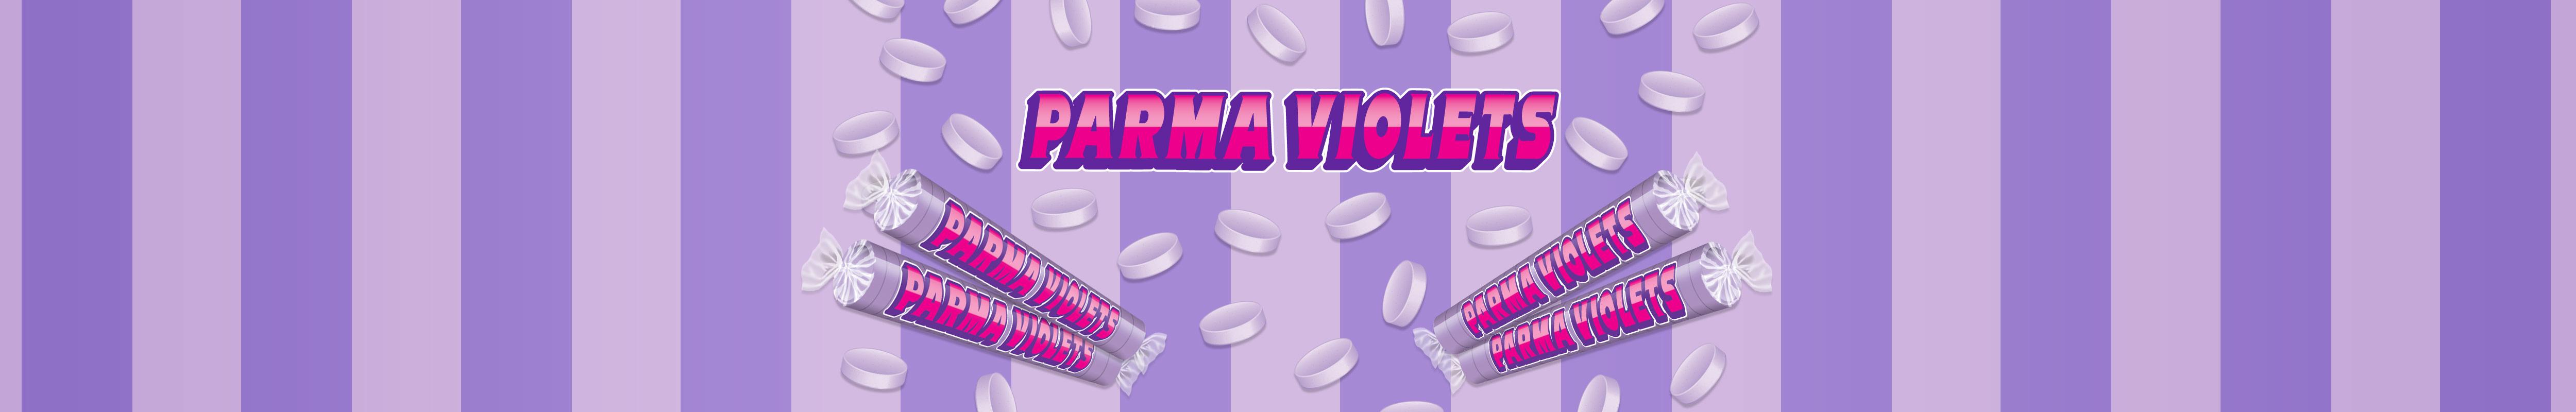 parma violets swizzels